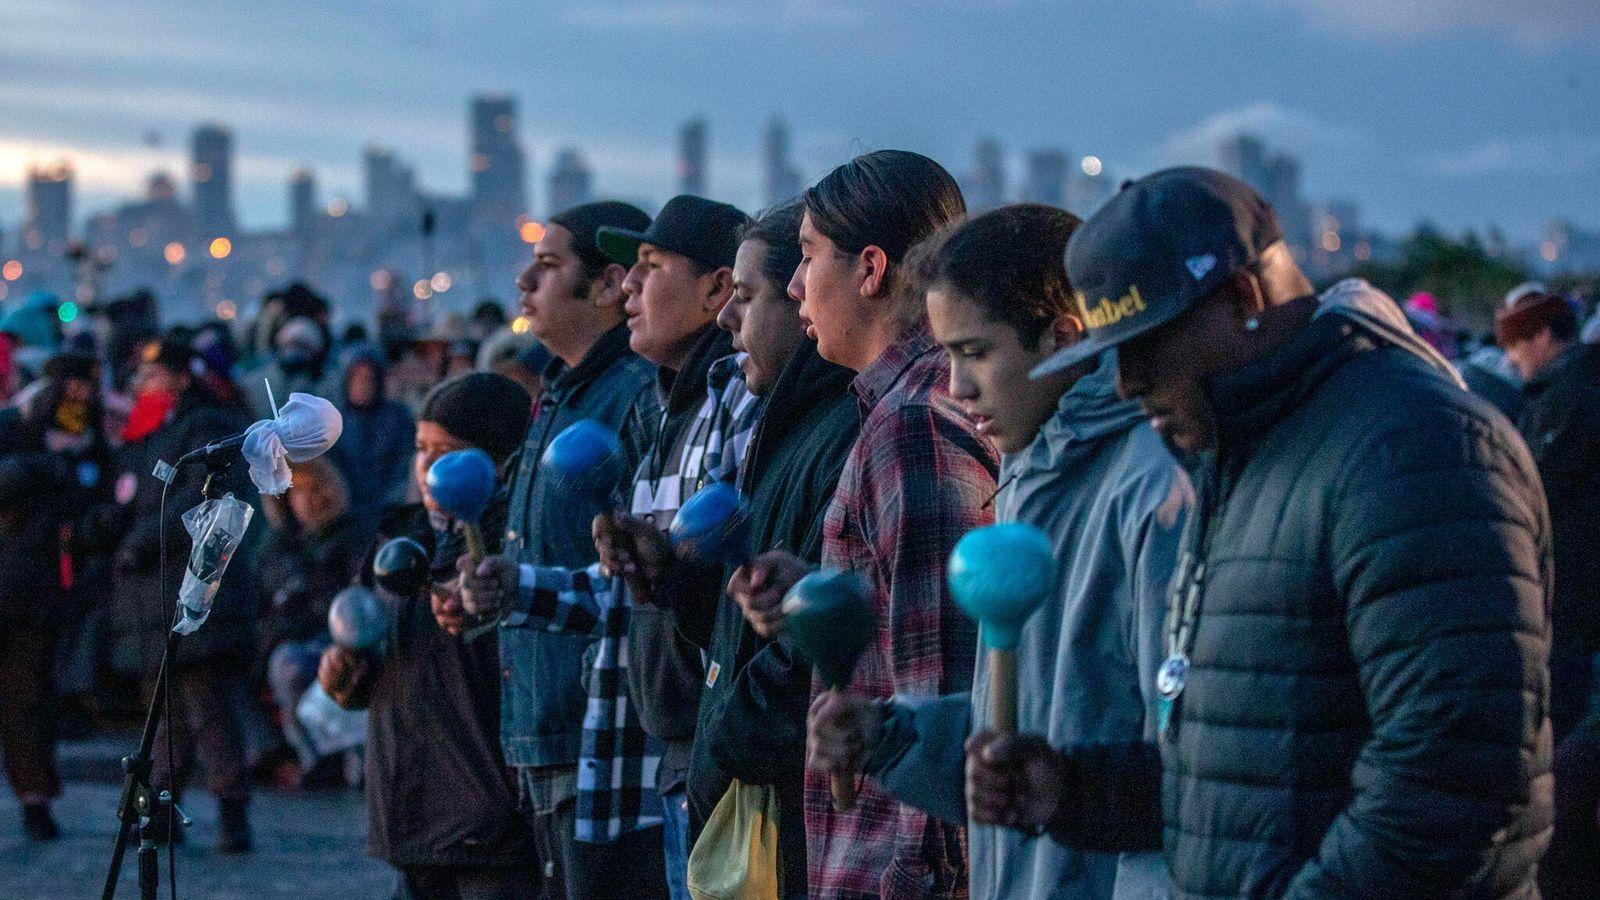 Rassemblement à l'occasion de l'Indigenous Peoples' Sunrise Ceremony, également appelée Un-Thanksgiving Day, le 28 novembre 2019 à San ...